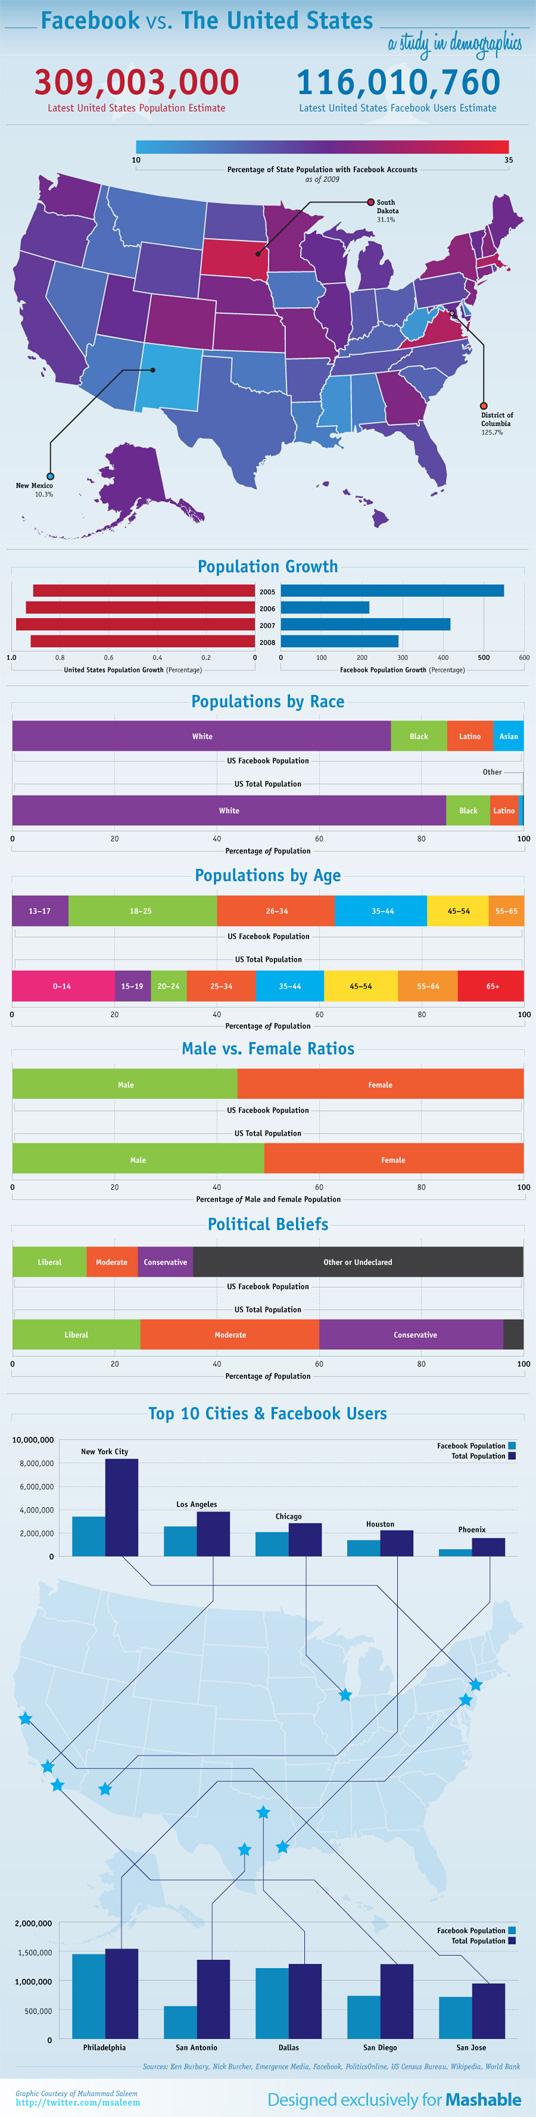 infographic-us-facebook-statistics-demopgrahic-data[1]